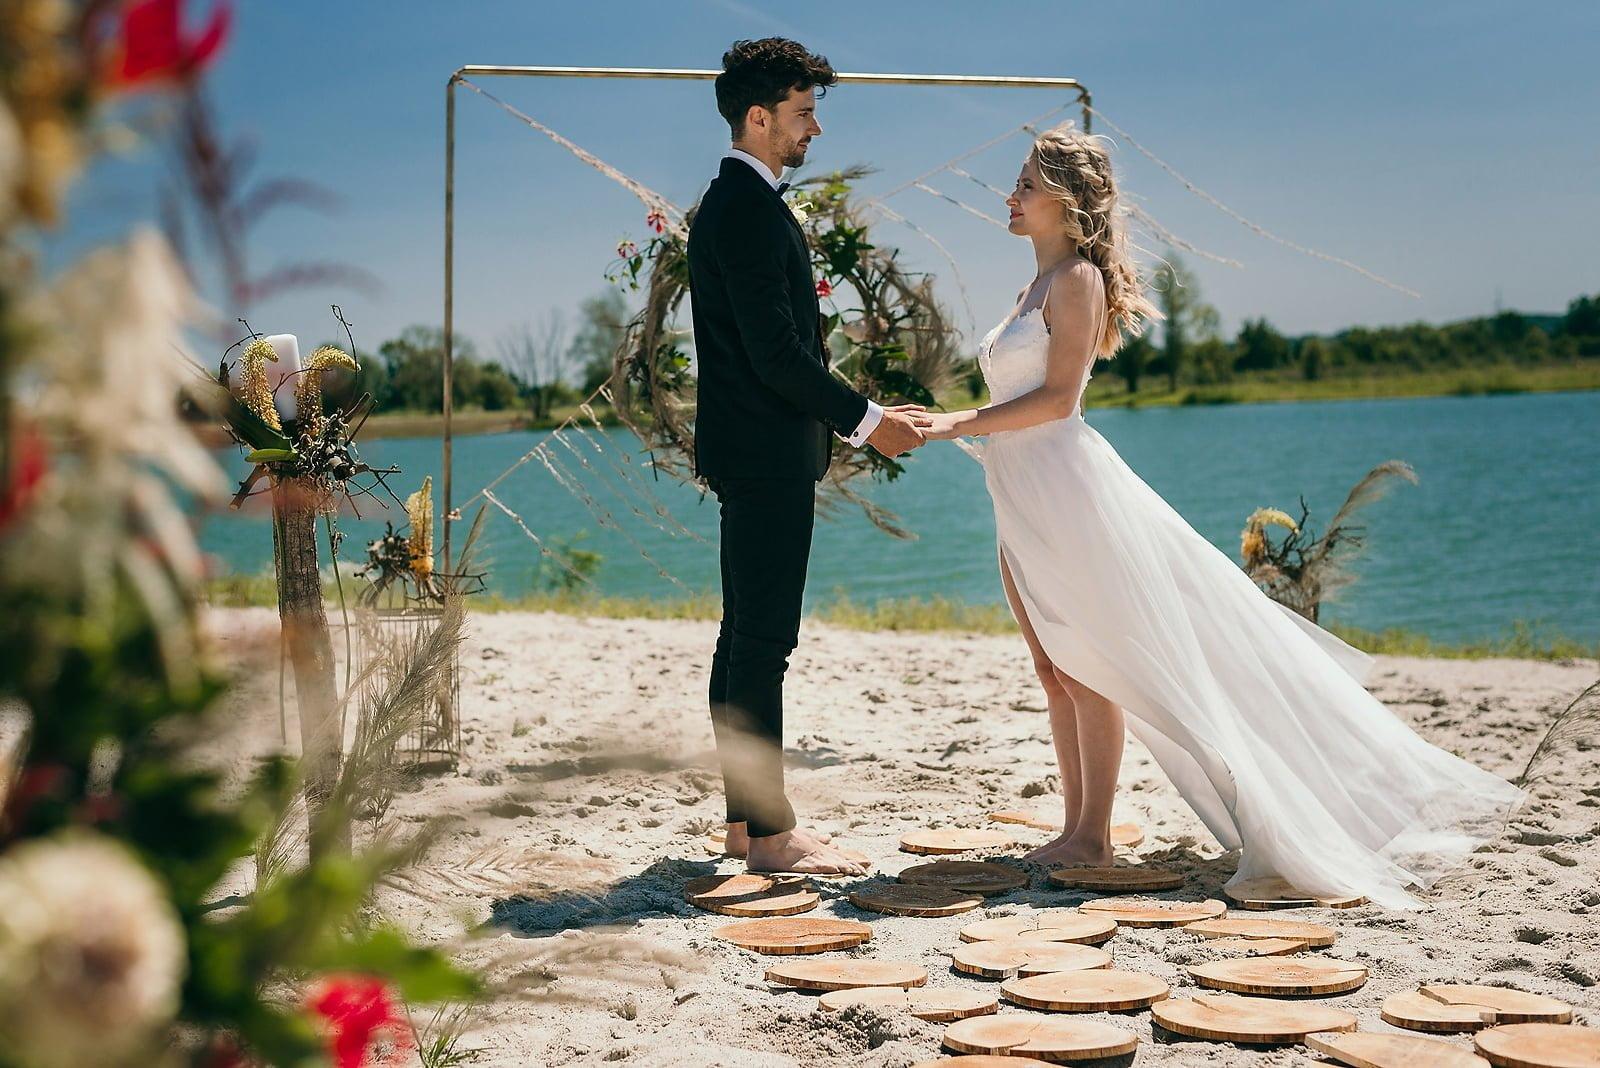 Stylizowana sesja ślubna w klimacie południowej Hiszpanii 15